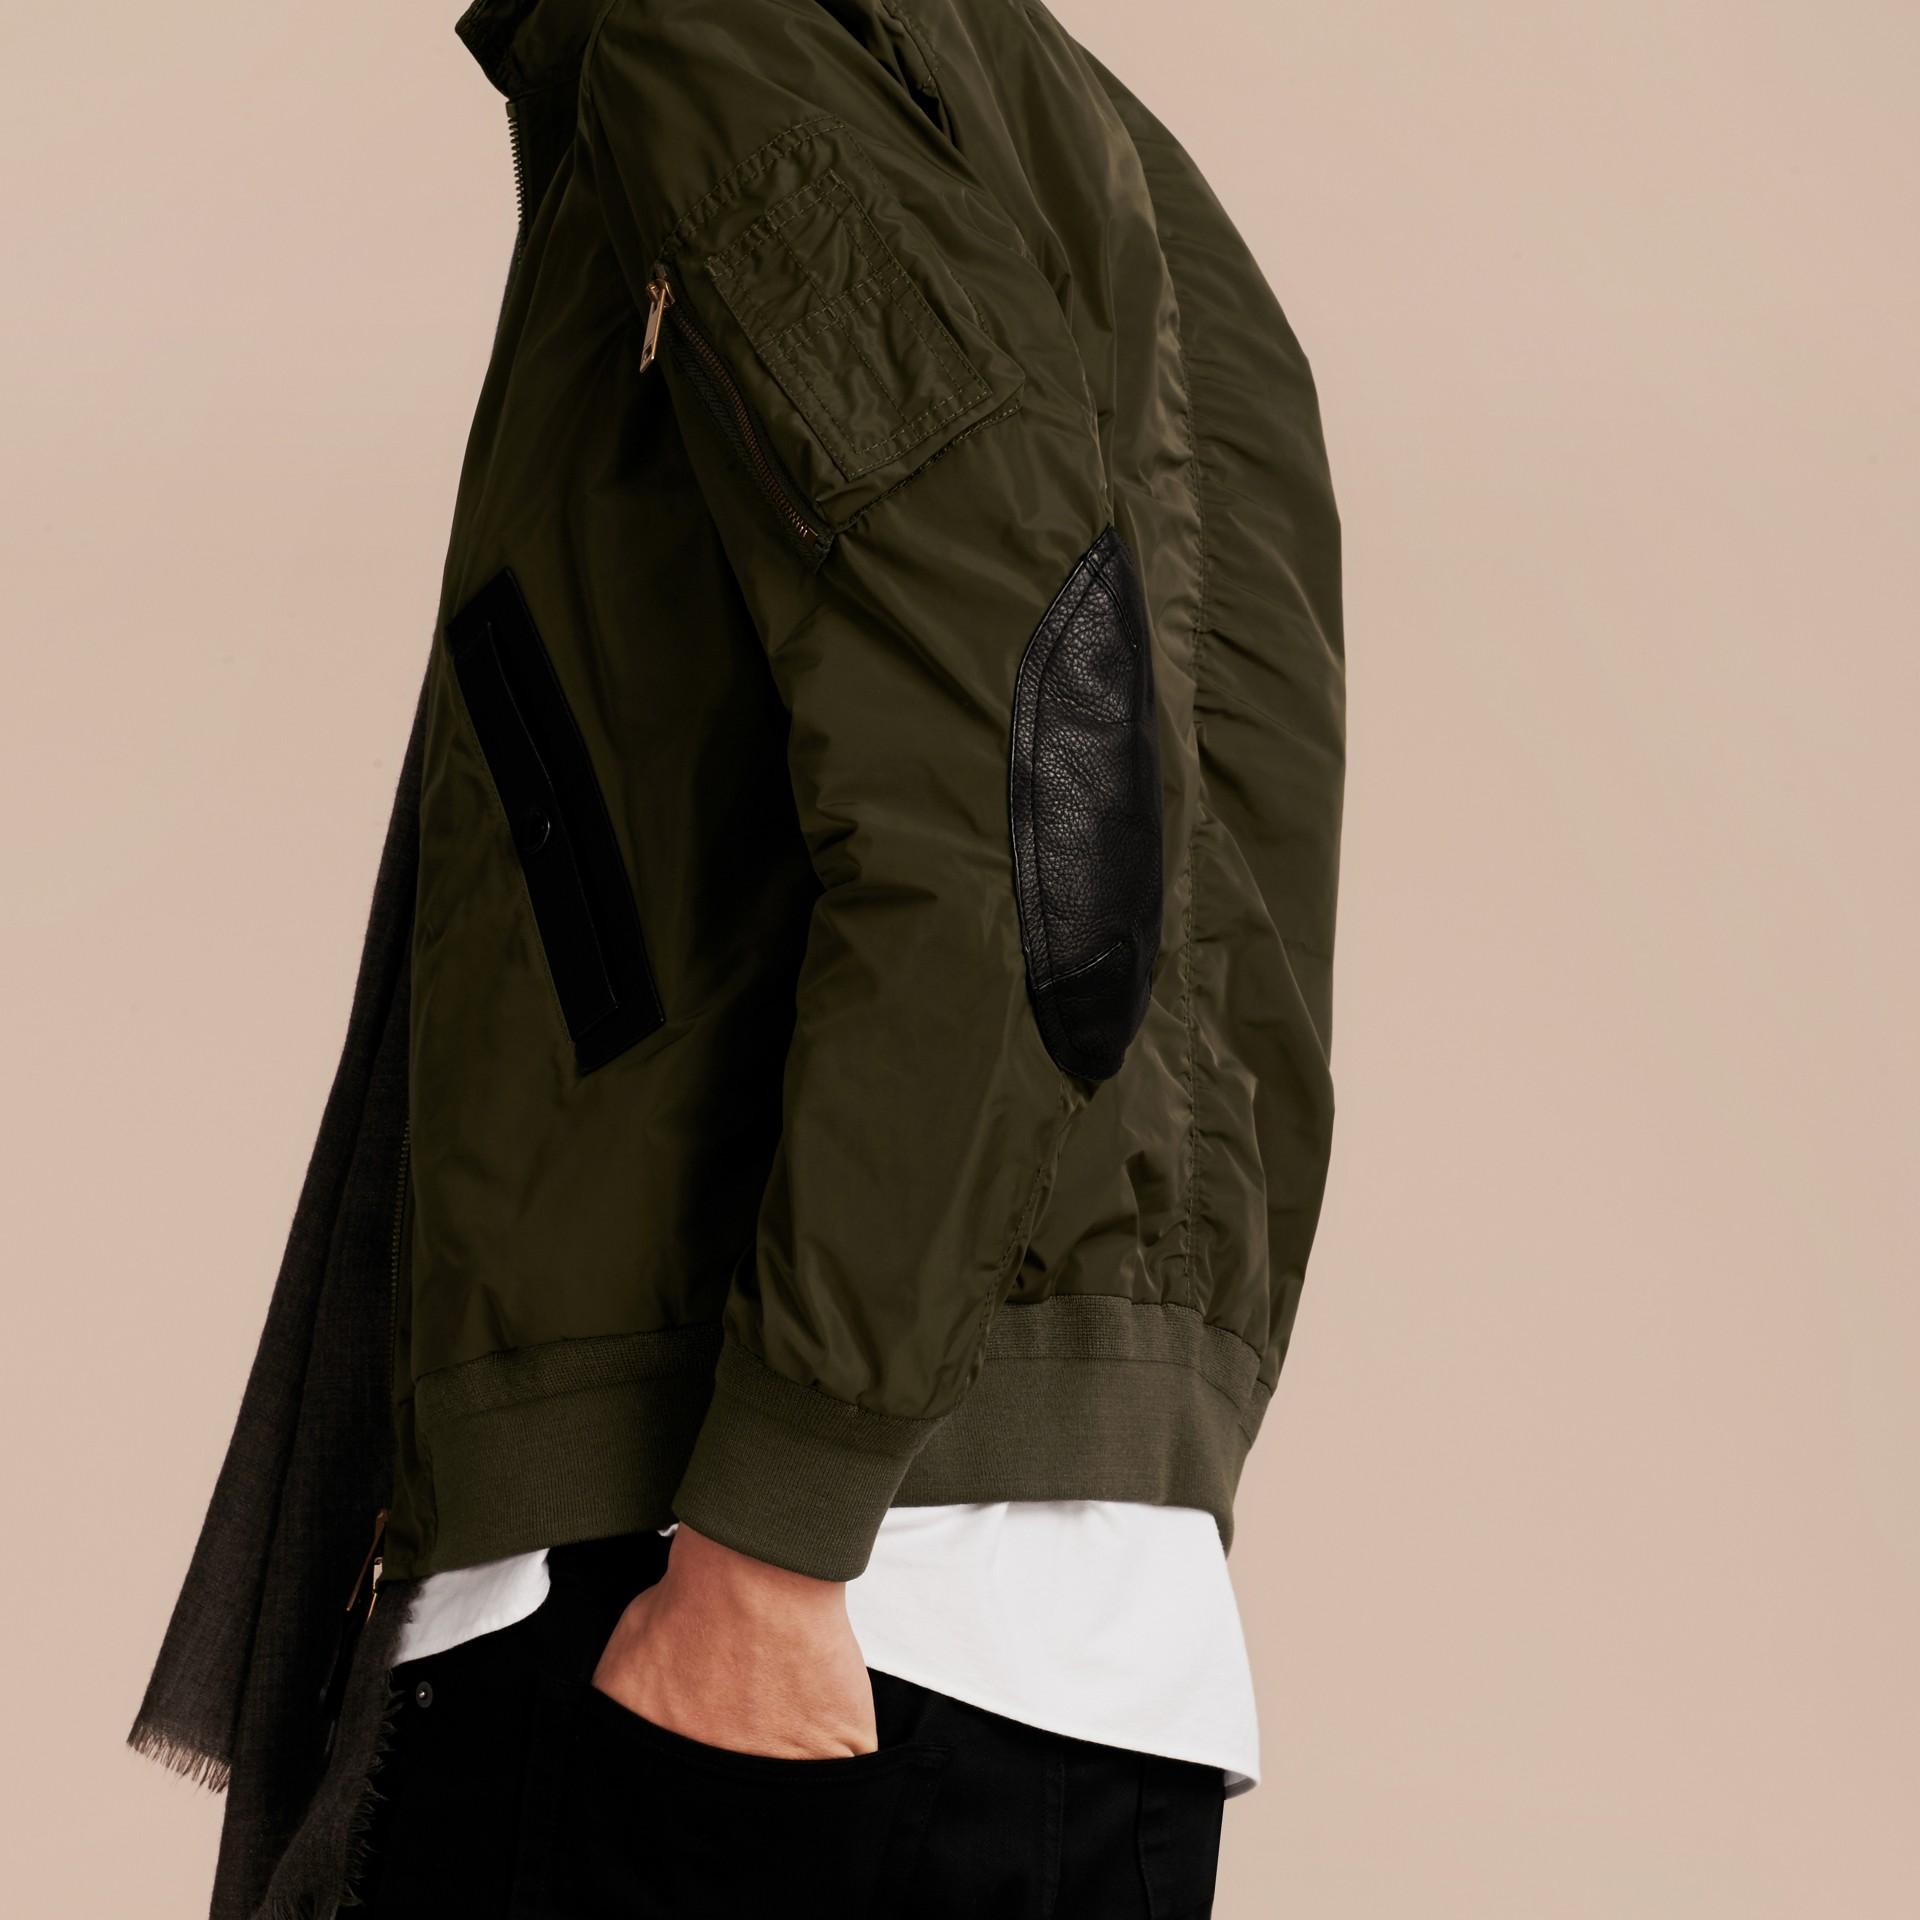 Хаки Легкая куртка с отделкой из кожи - изображение 3